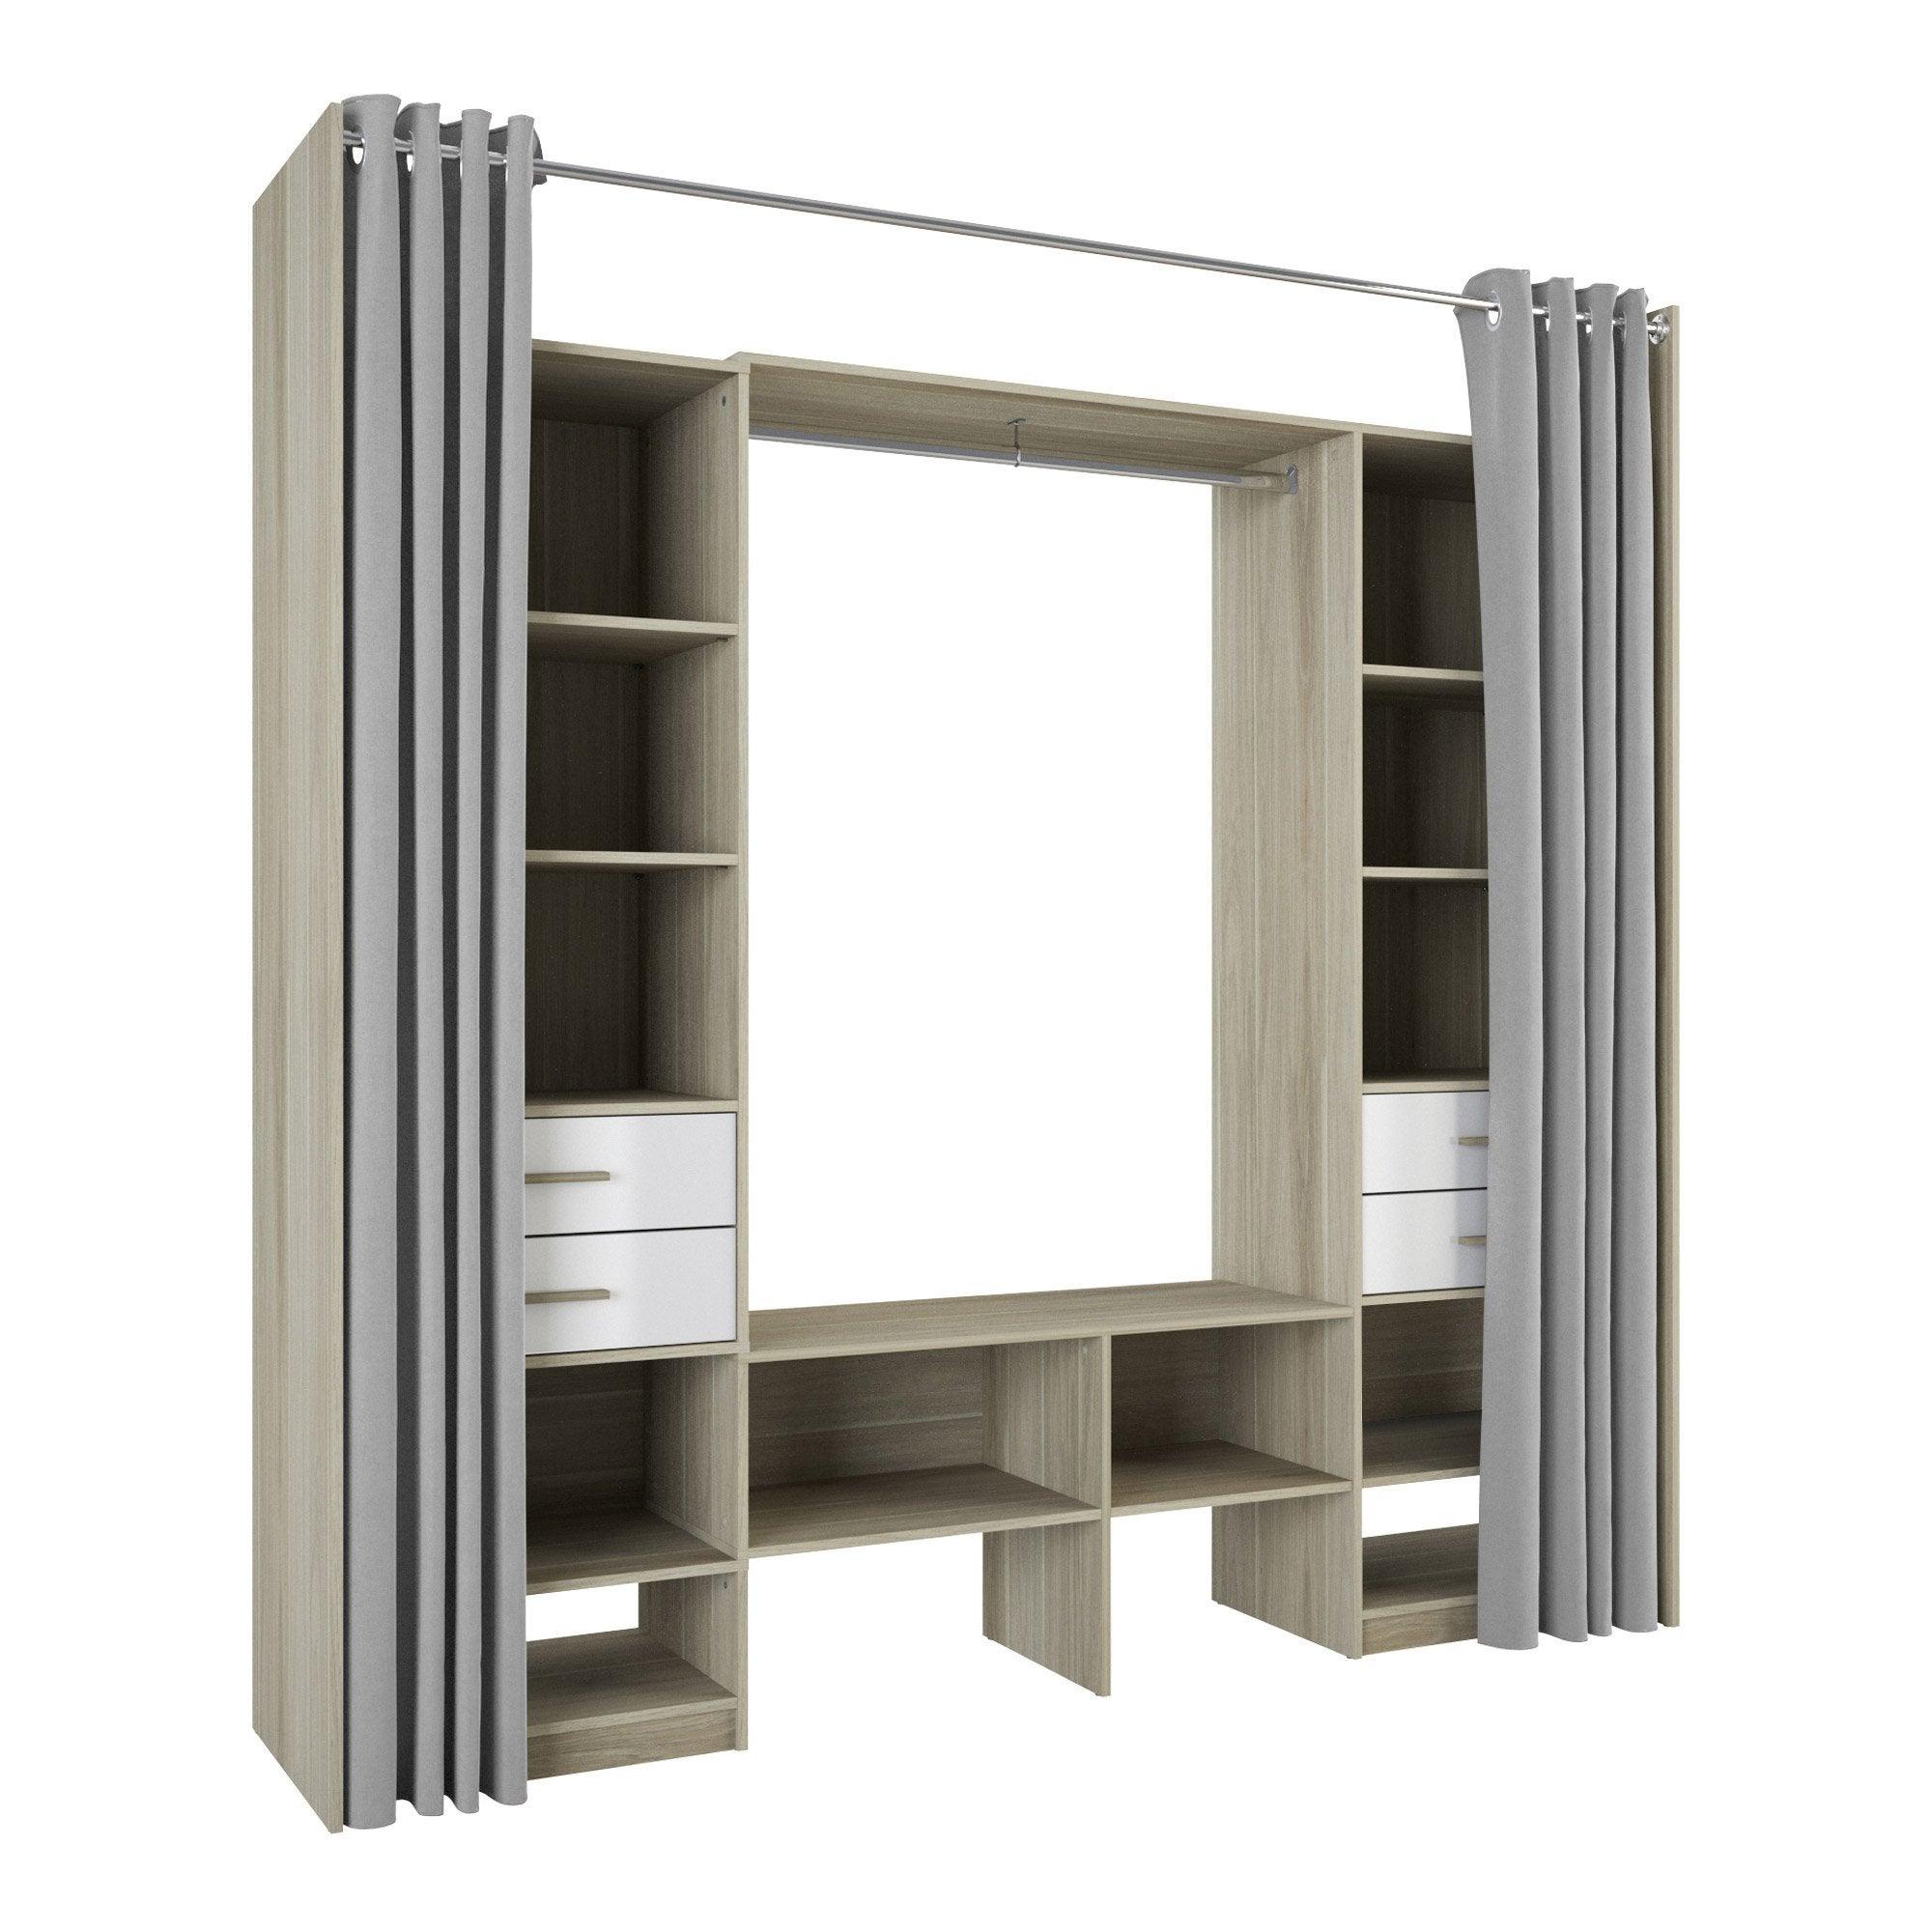 Kit dressing chêne dakota / blanc Doubles colonnes duo H.218.3 x l.50 x P.50 cm